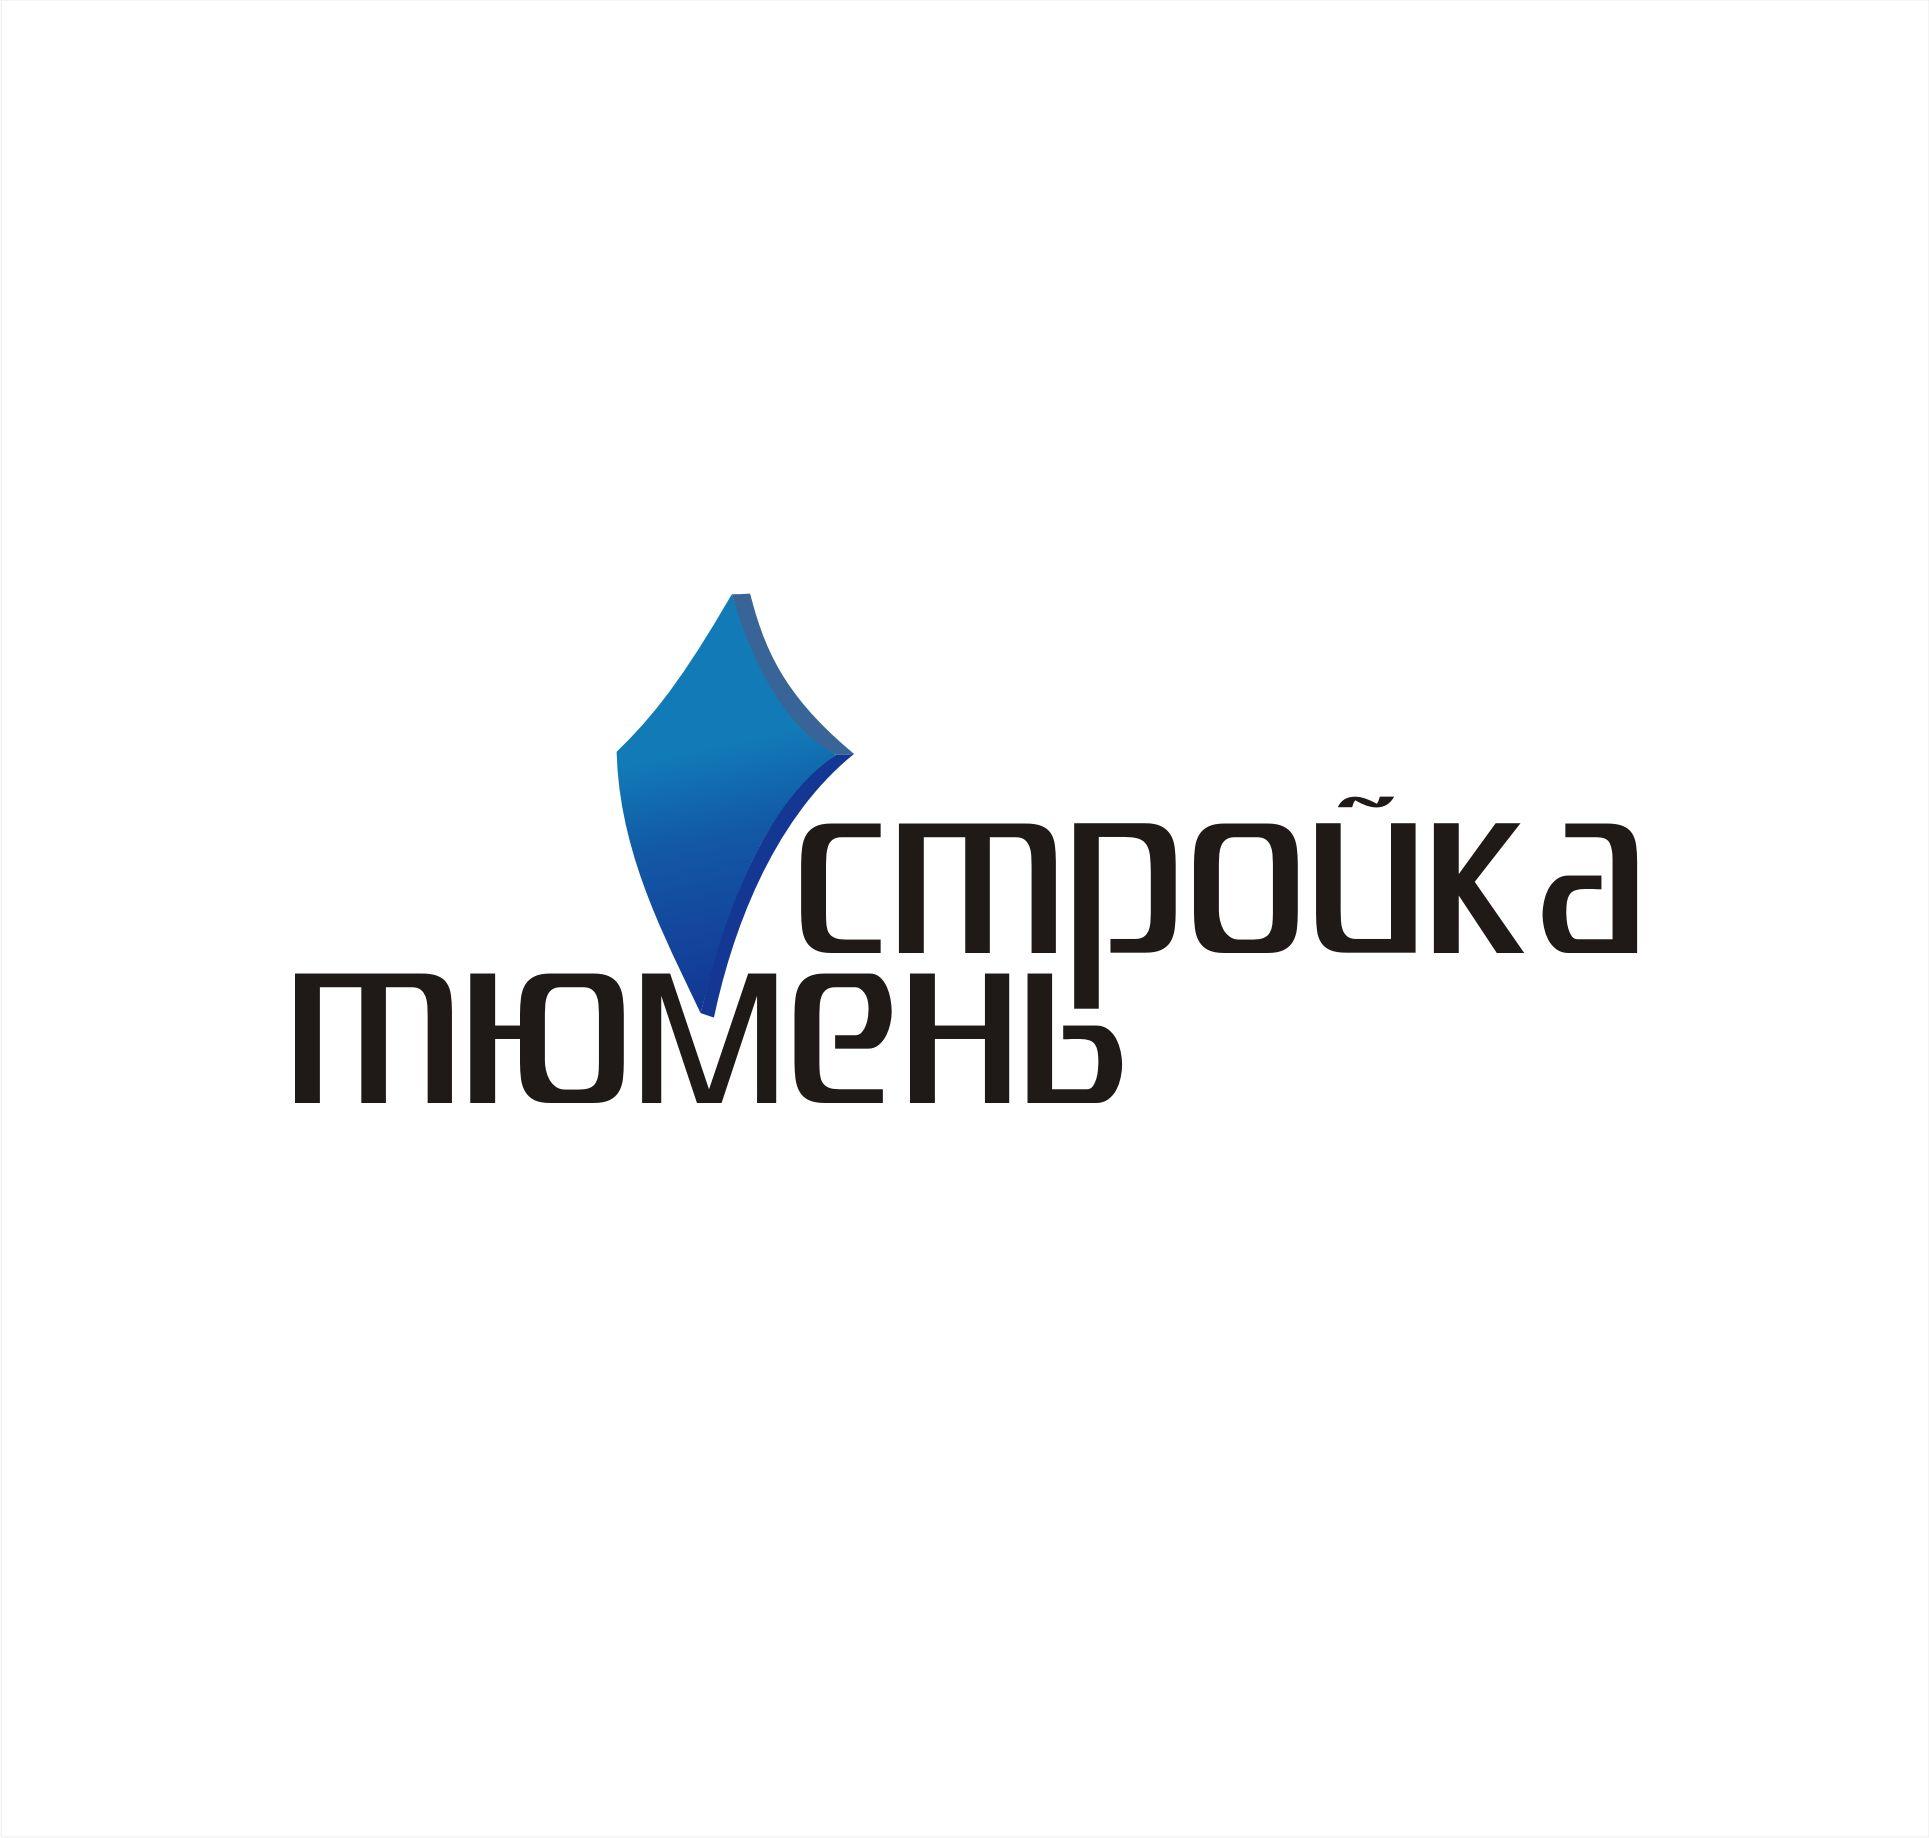 Логотип для строительного портала - дизайнер tspech